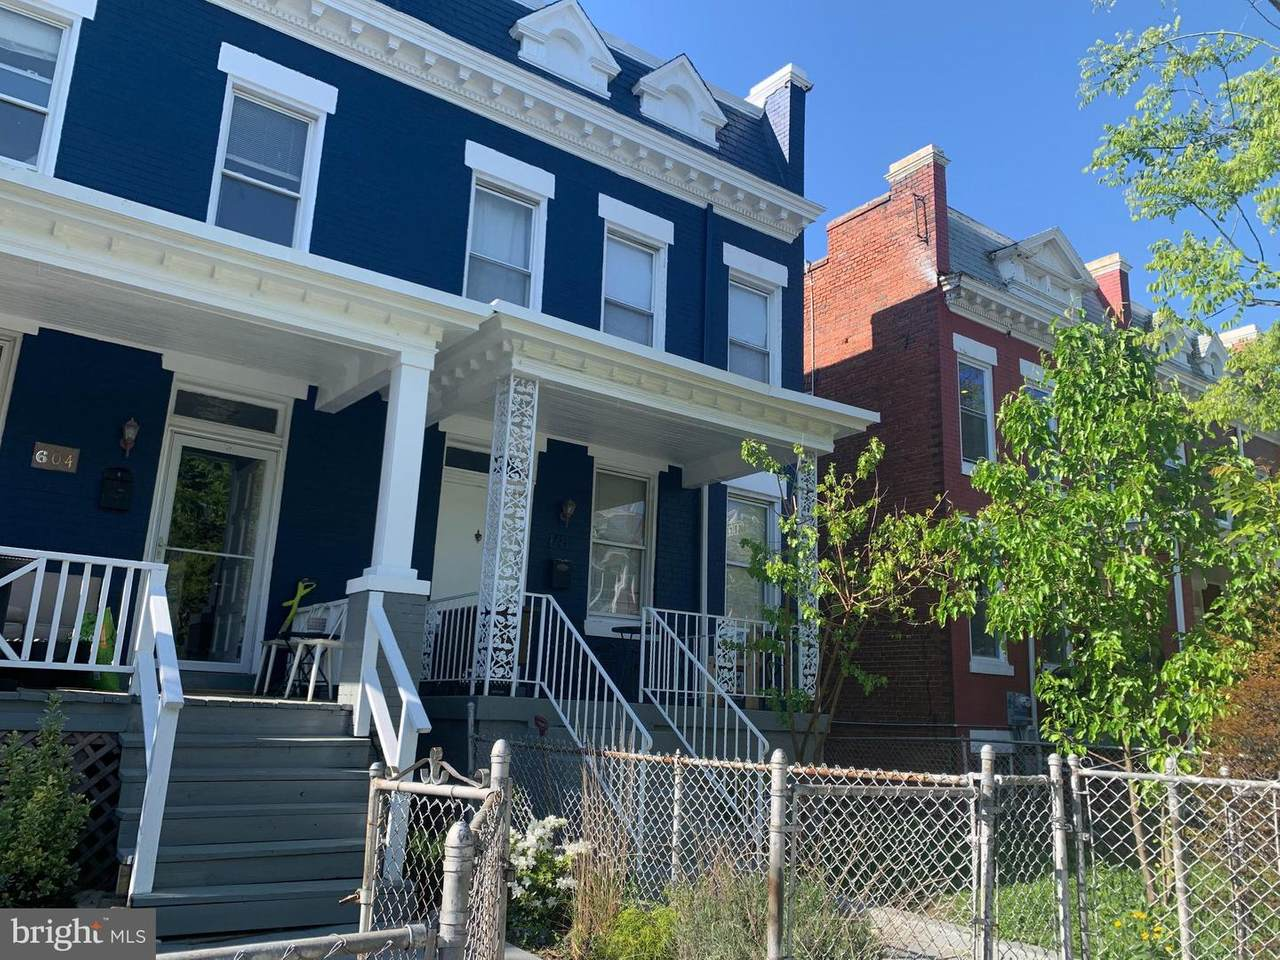 606 Lamont Street - Photo 1